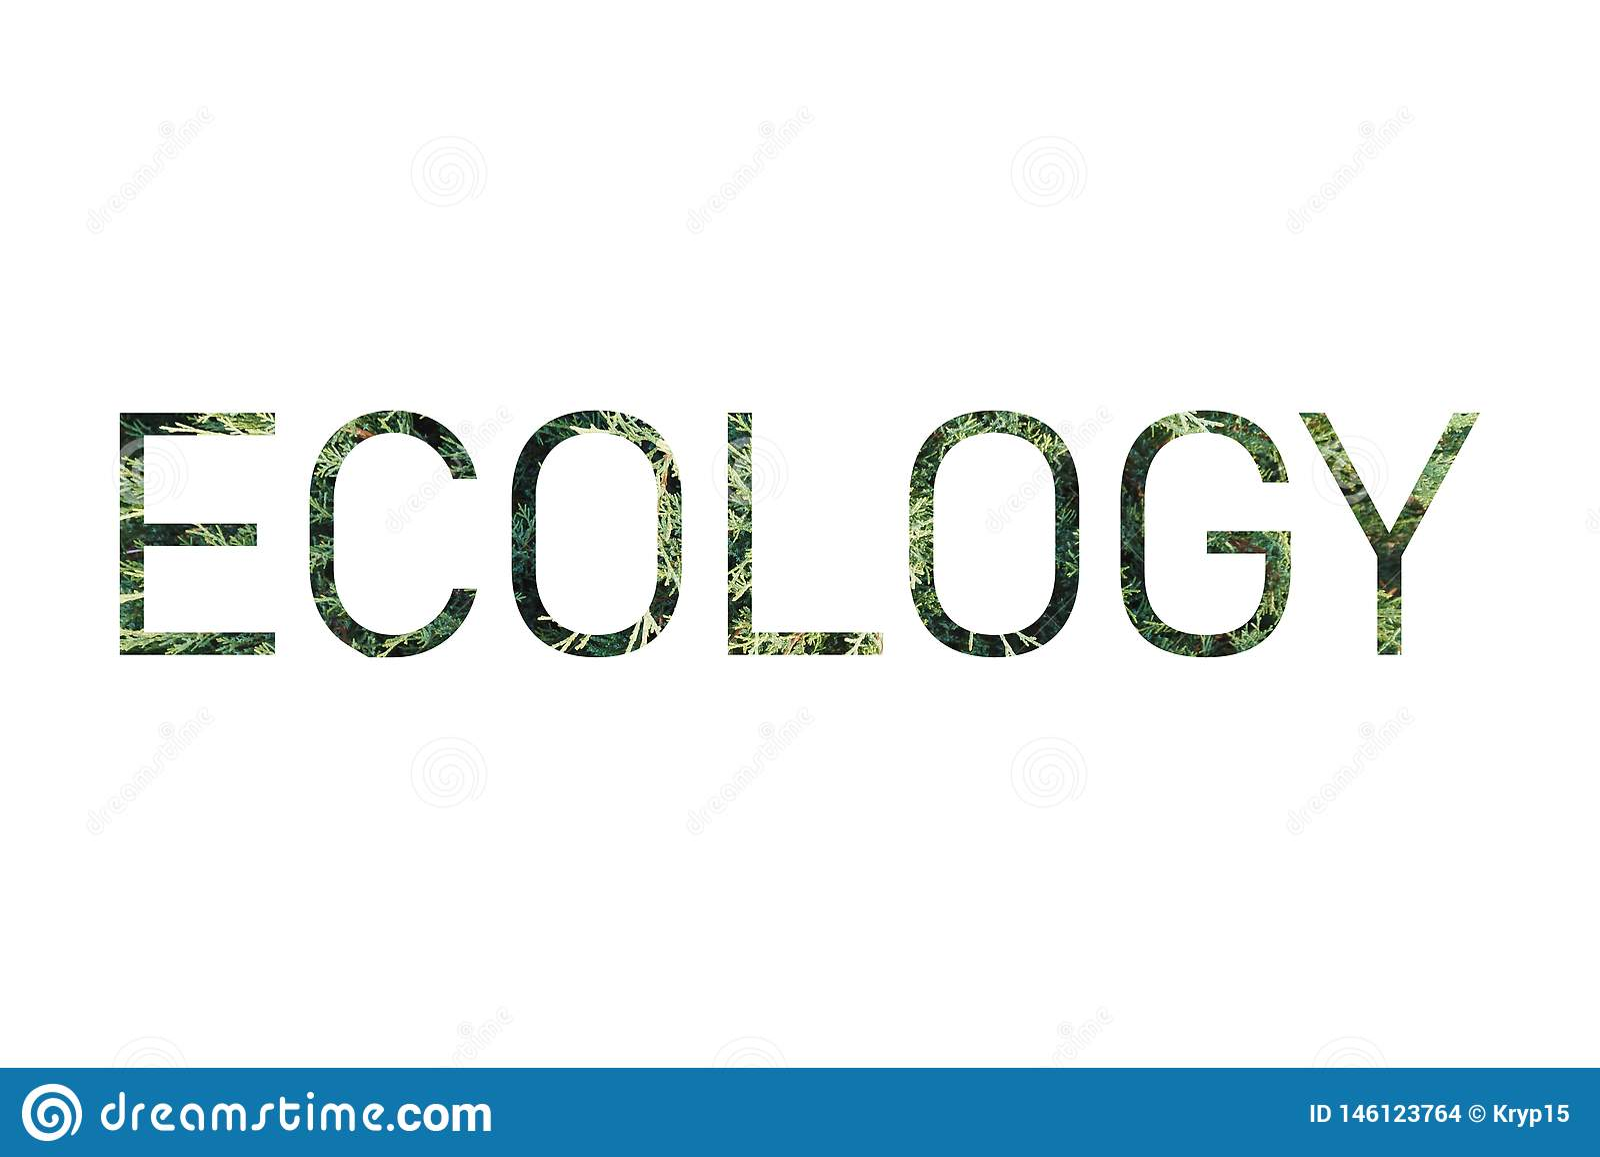 Inschrijving 'Ecologie 'op de achtergrond van een het leven groene installatie